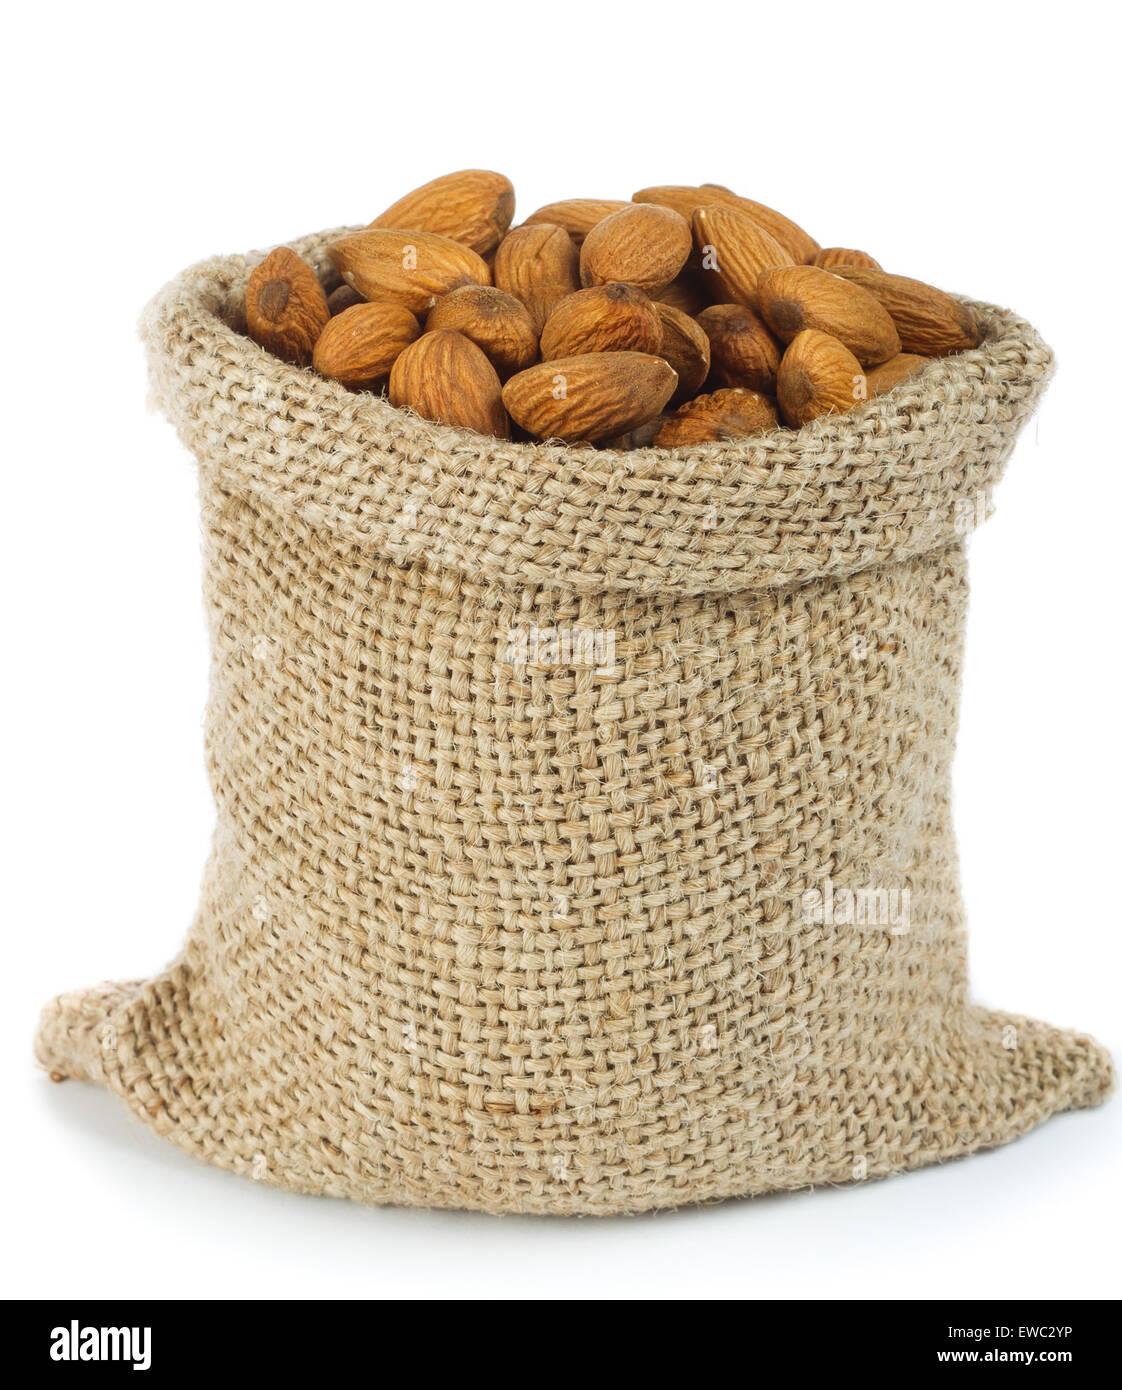 Almonds in burlap bag - Stock Image